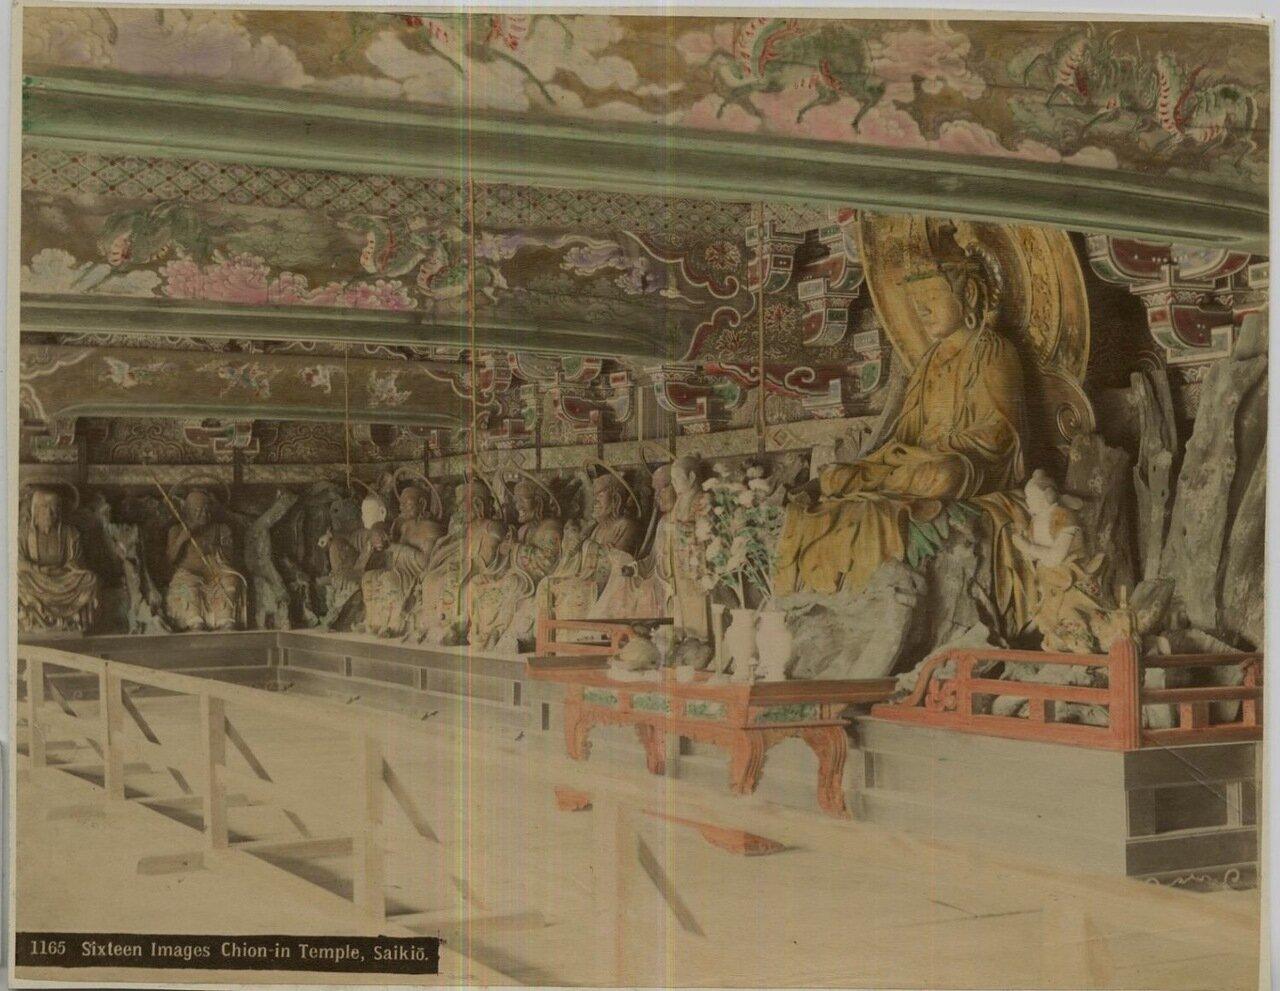 Киото. Шестнадцать изображения храма Тион-ин